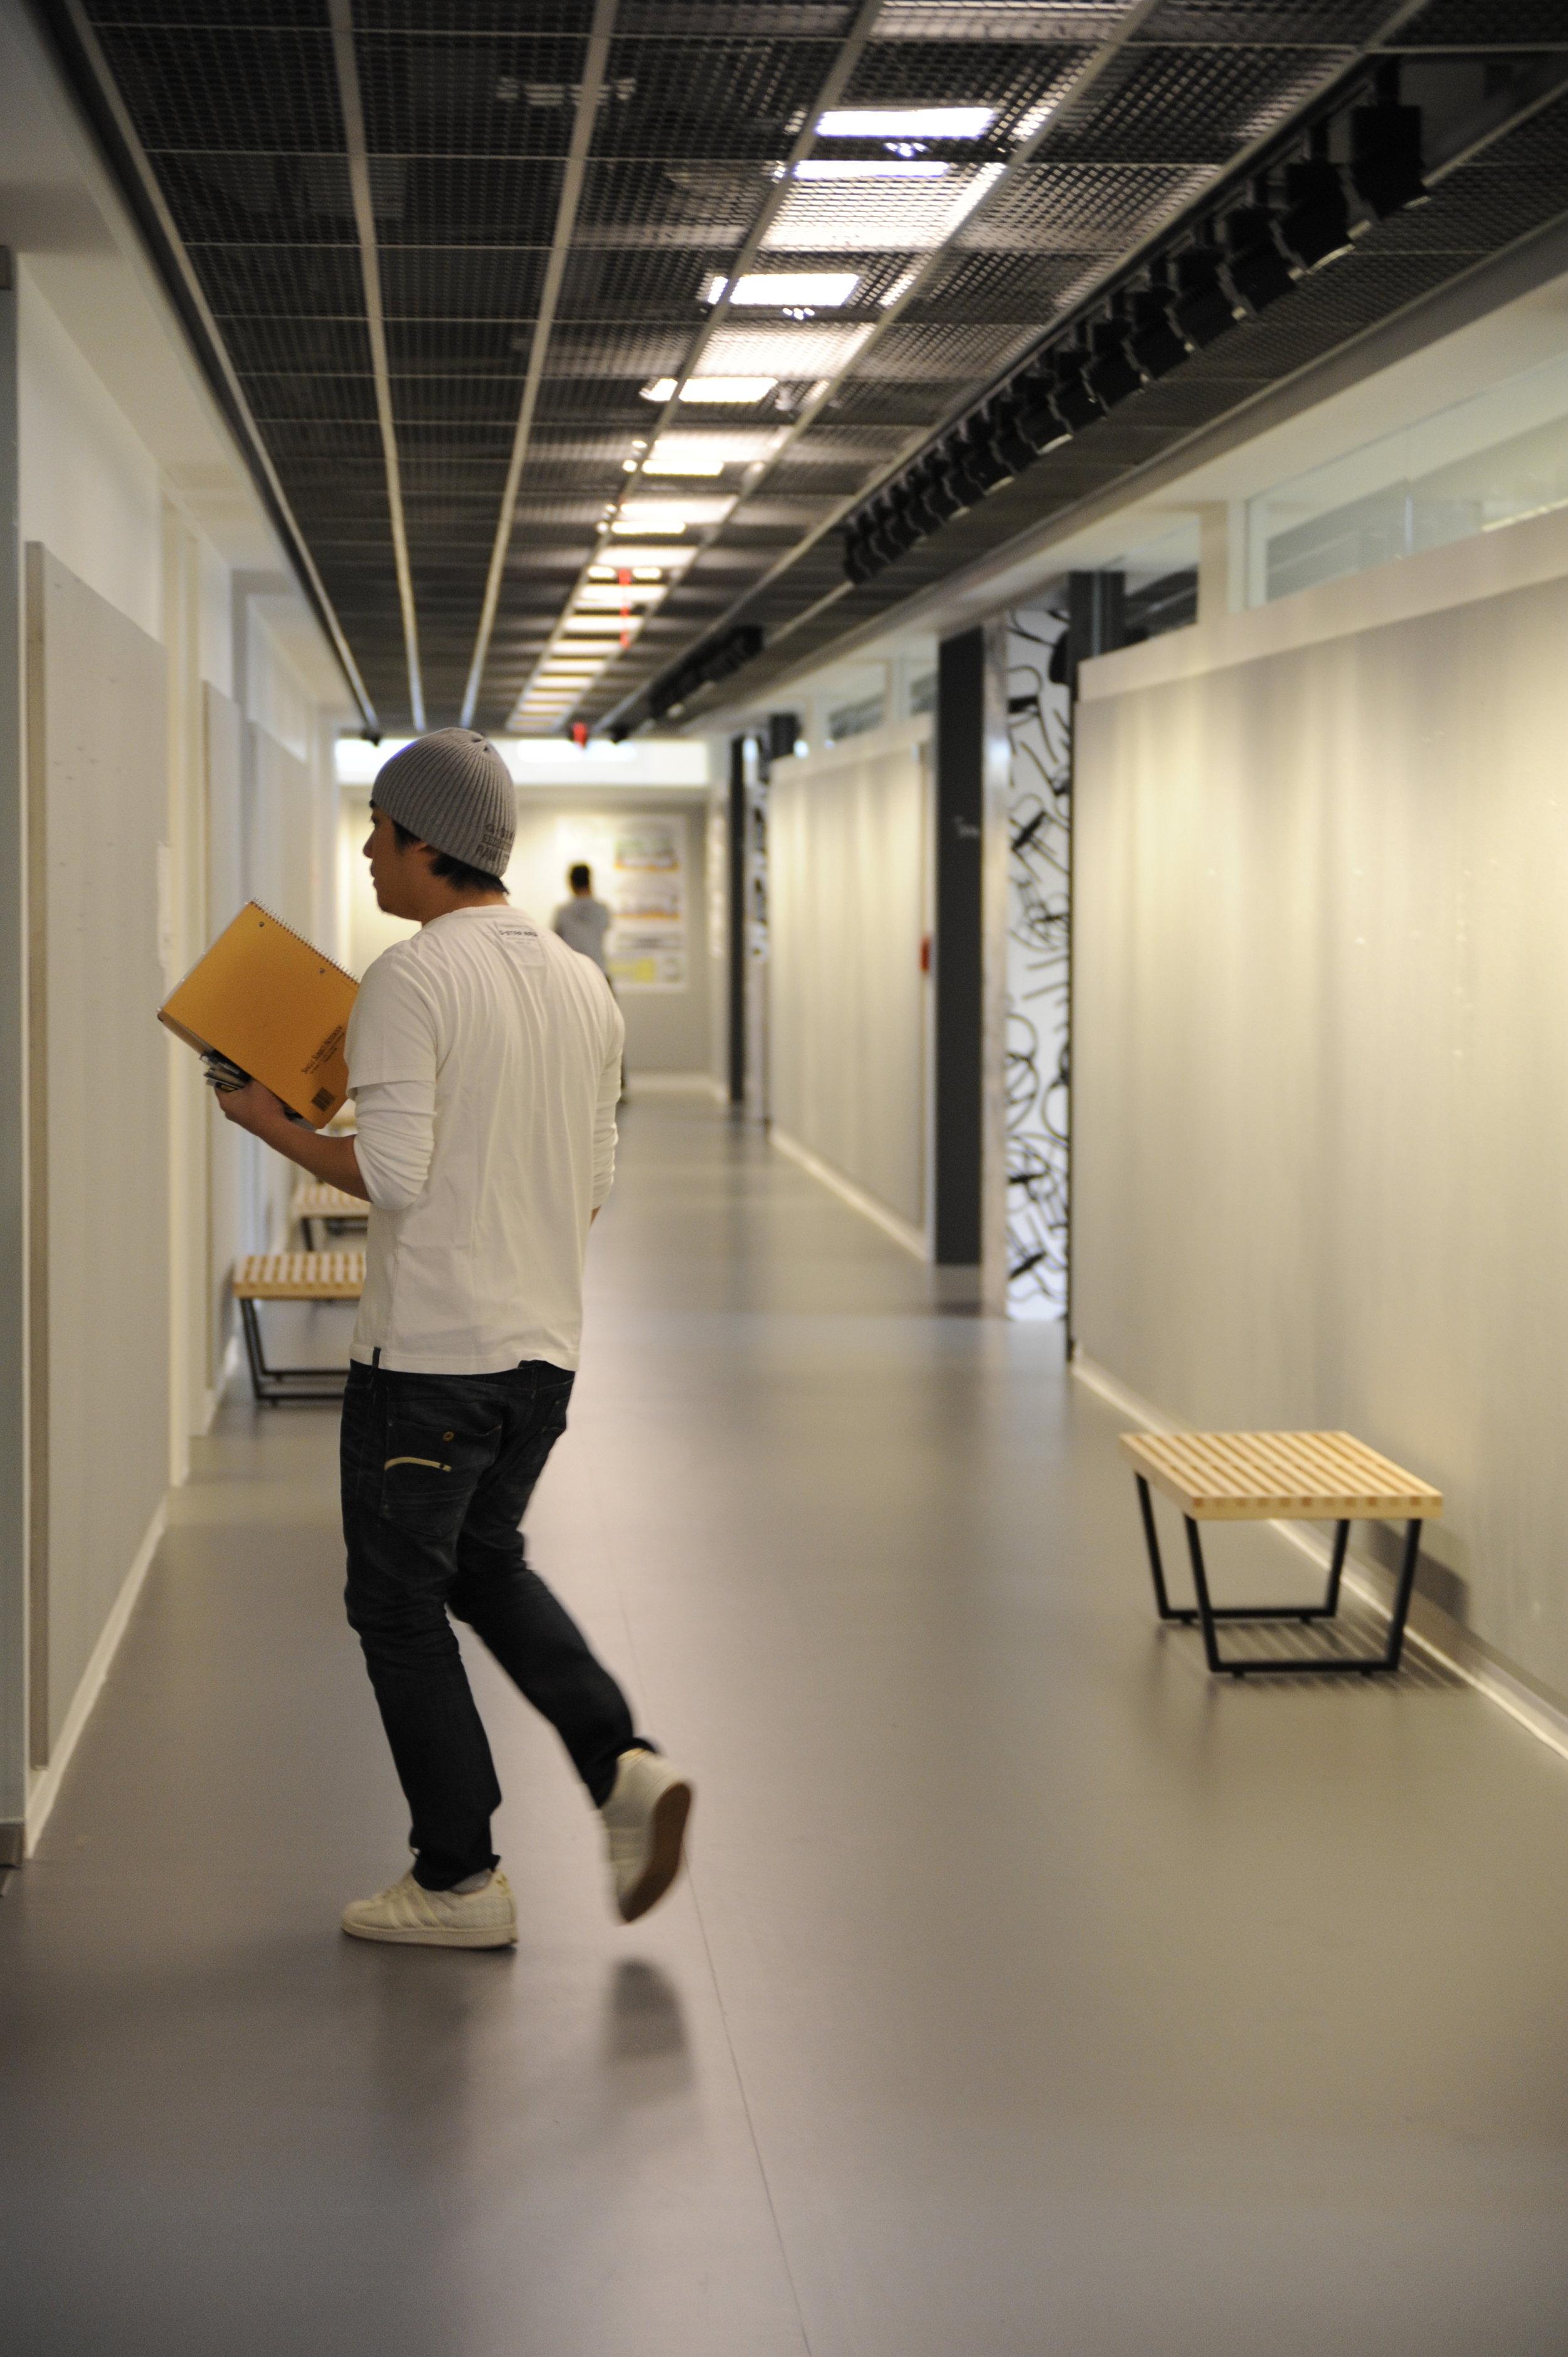 nysid-graduate-center--corridor_5805240747_o[1].jpg